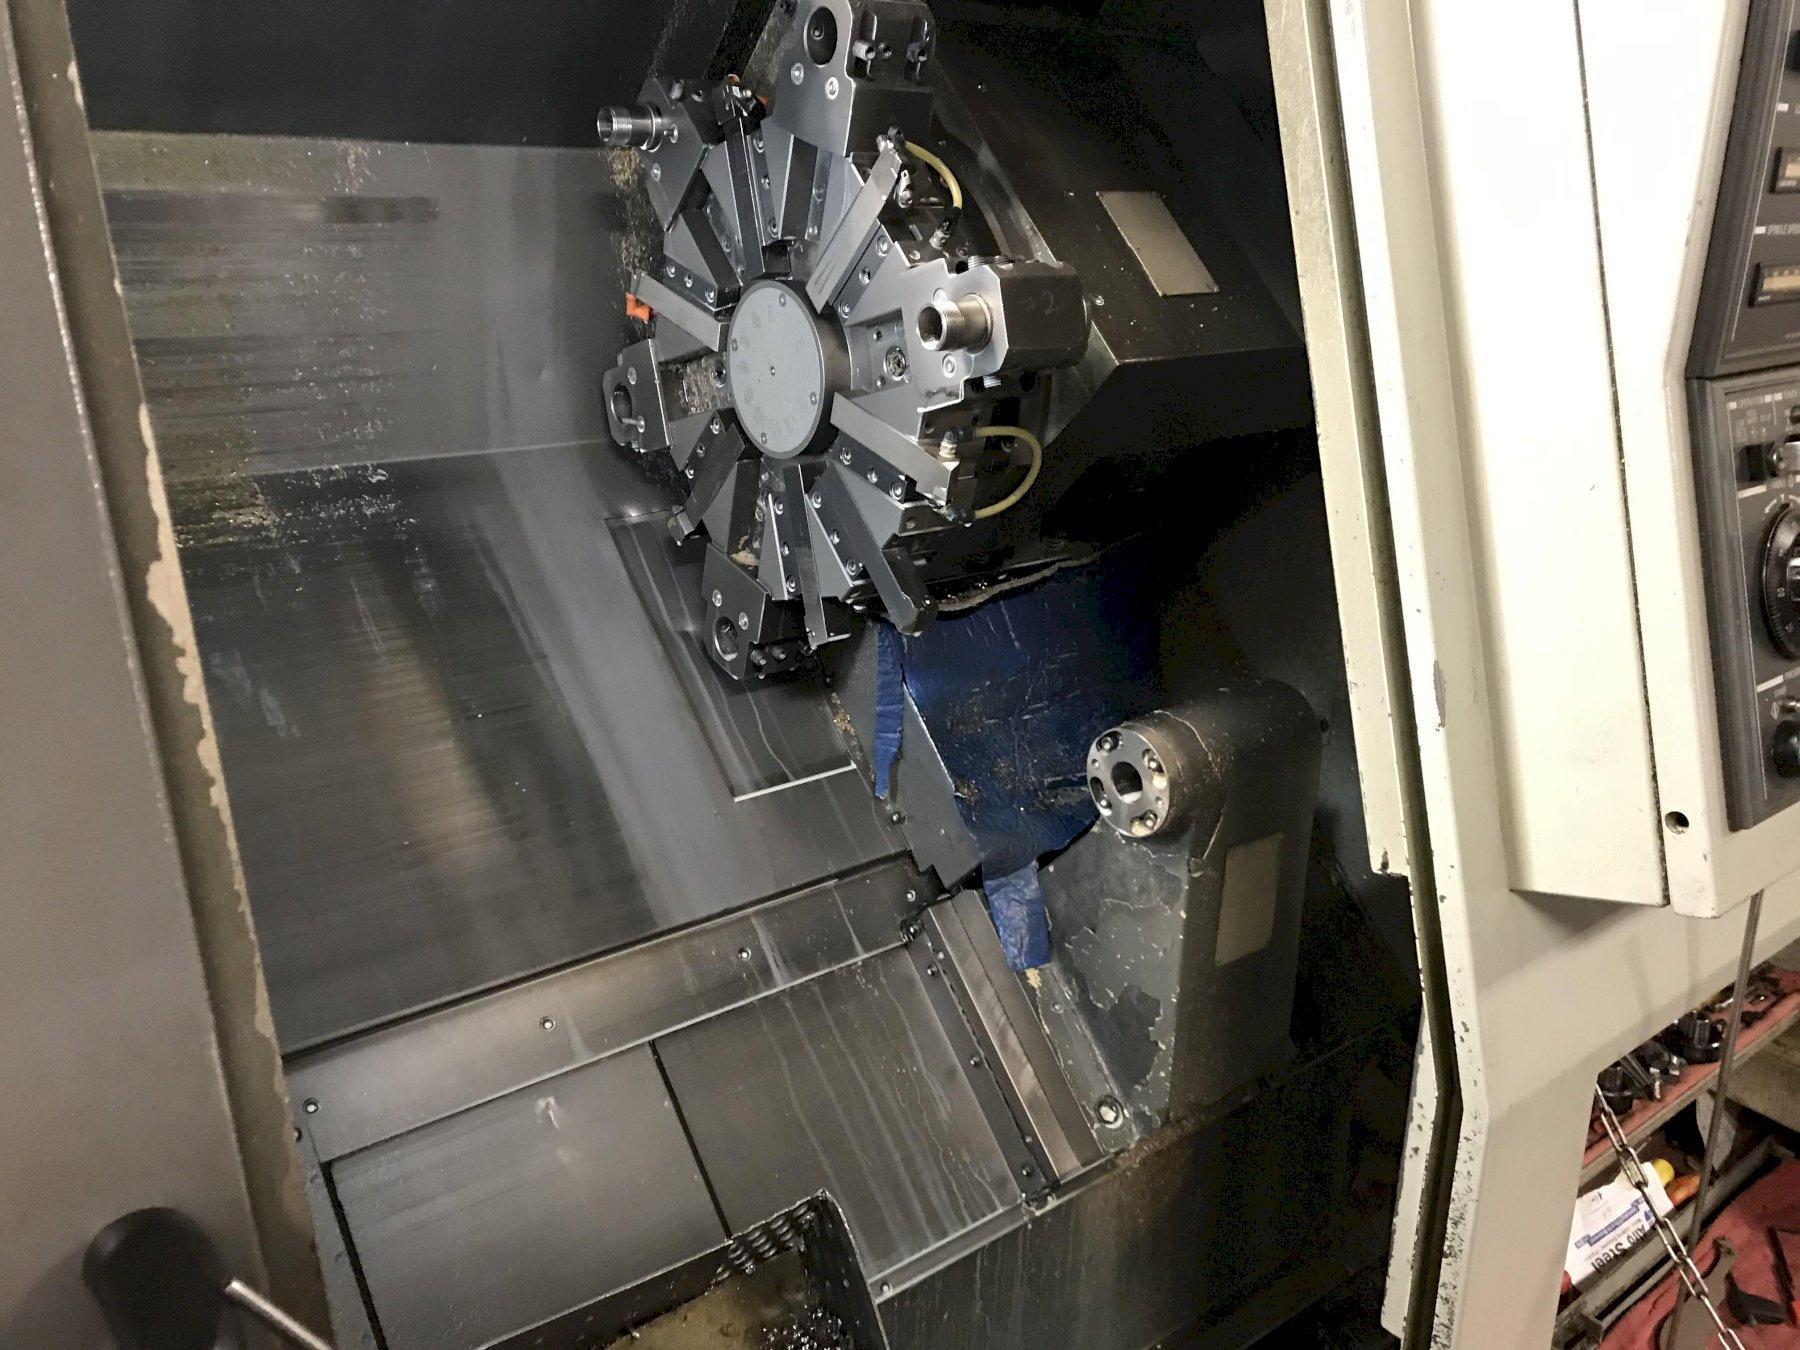 2011 Hyundai Kia SKT-21L - CNC Horizontal Lathe